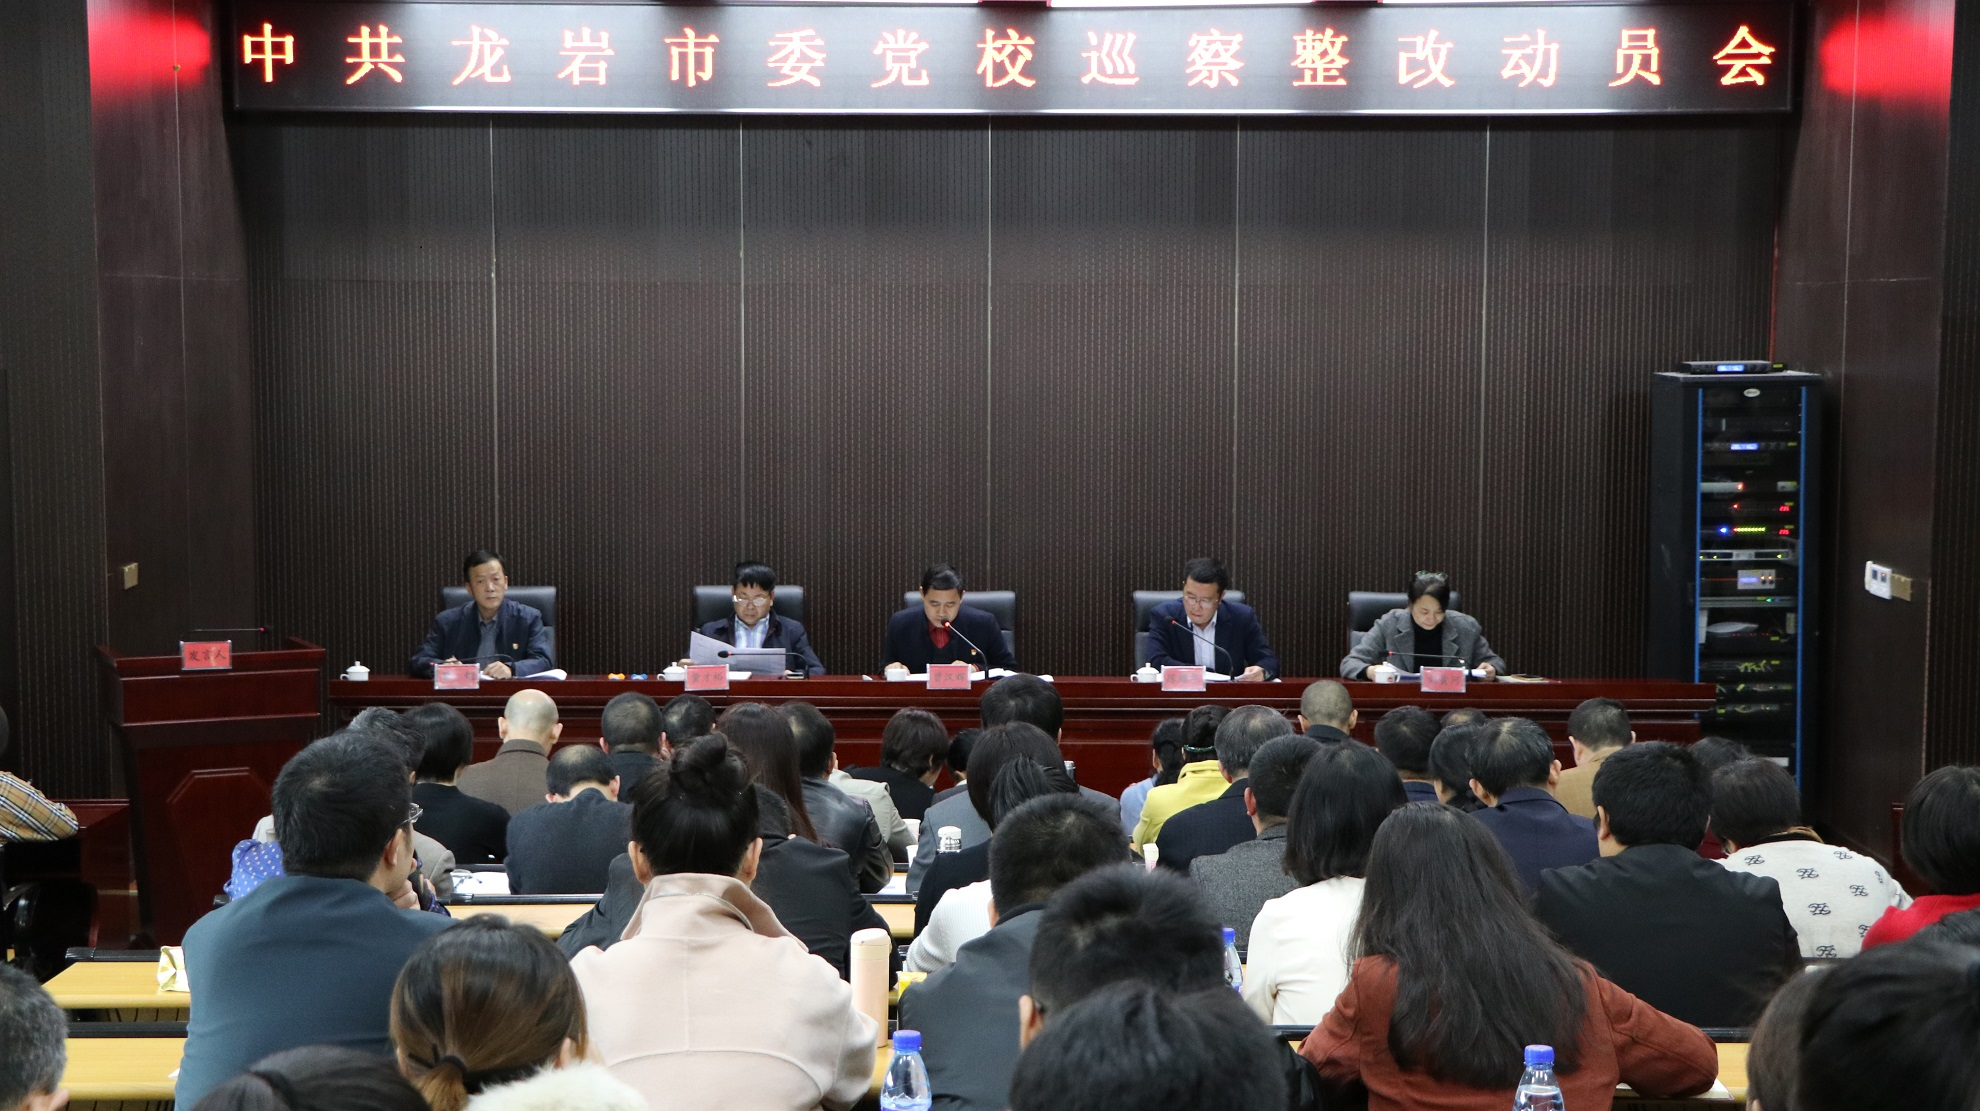 院校召开市委巡察反馈意见整改动员大会